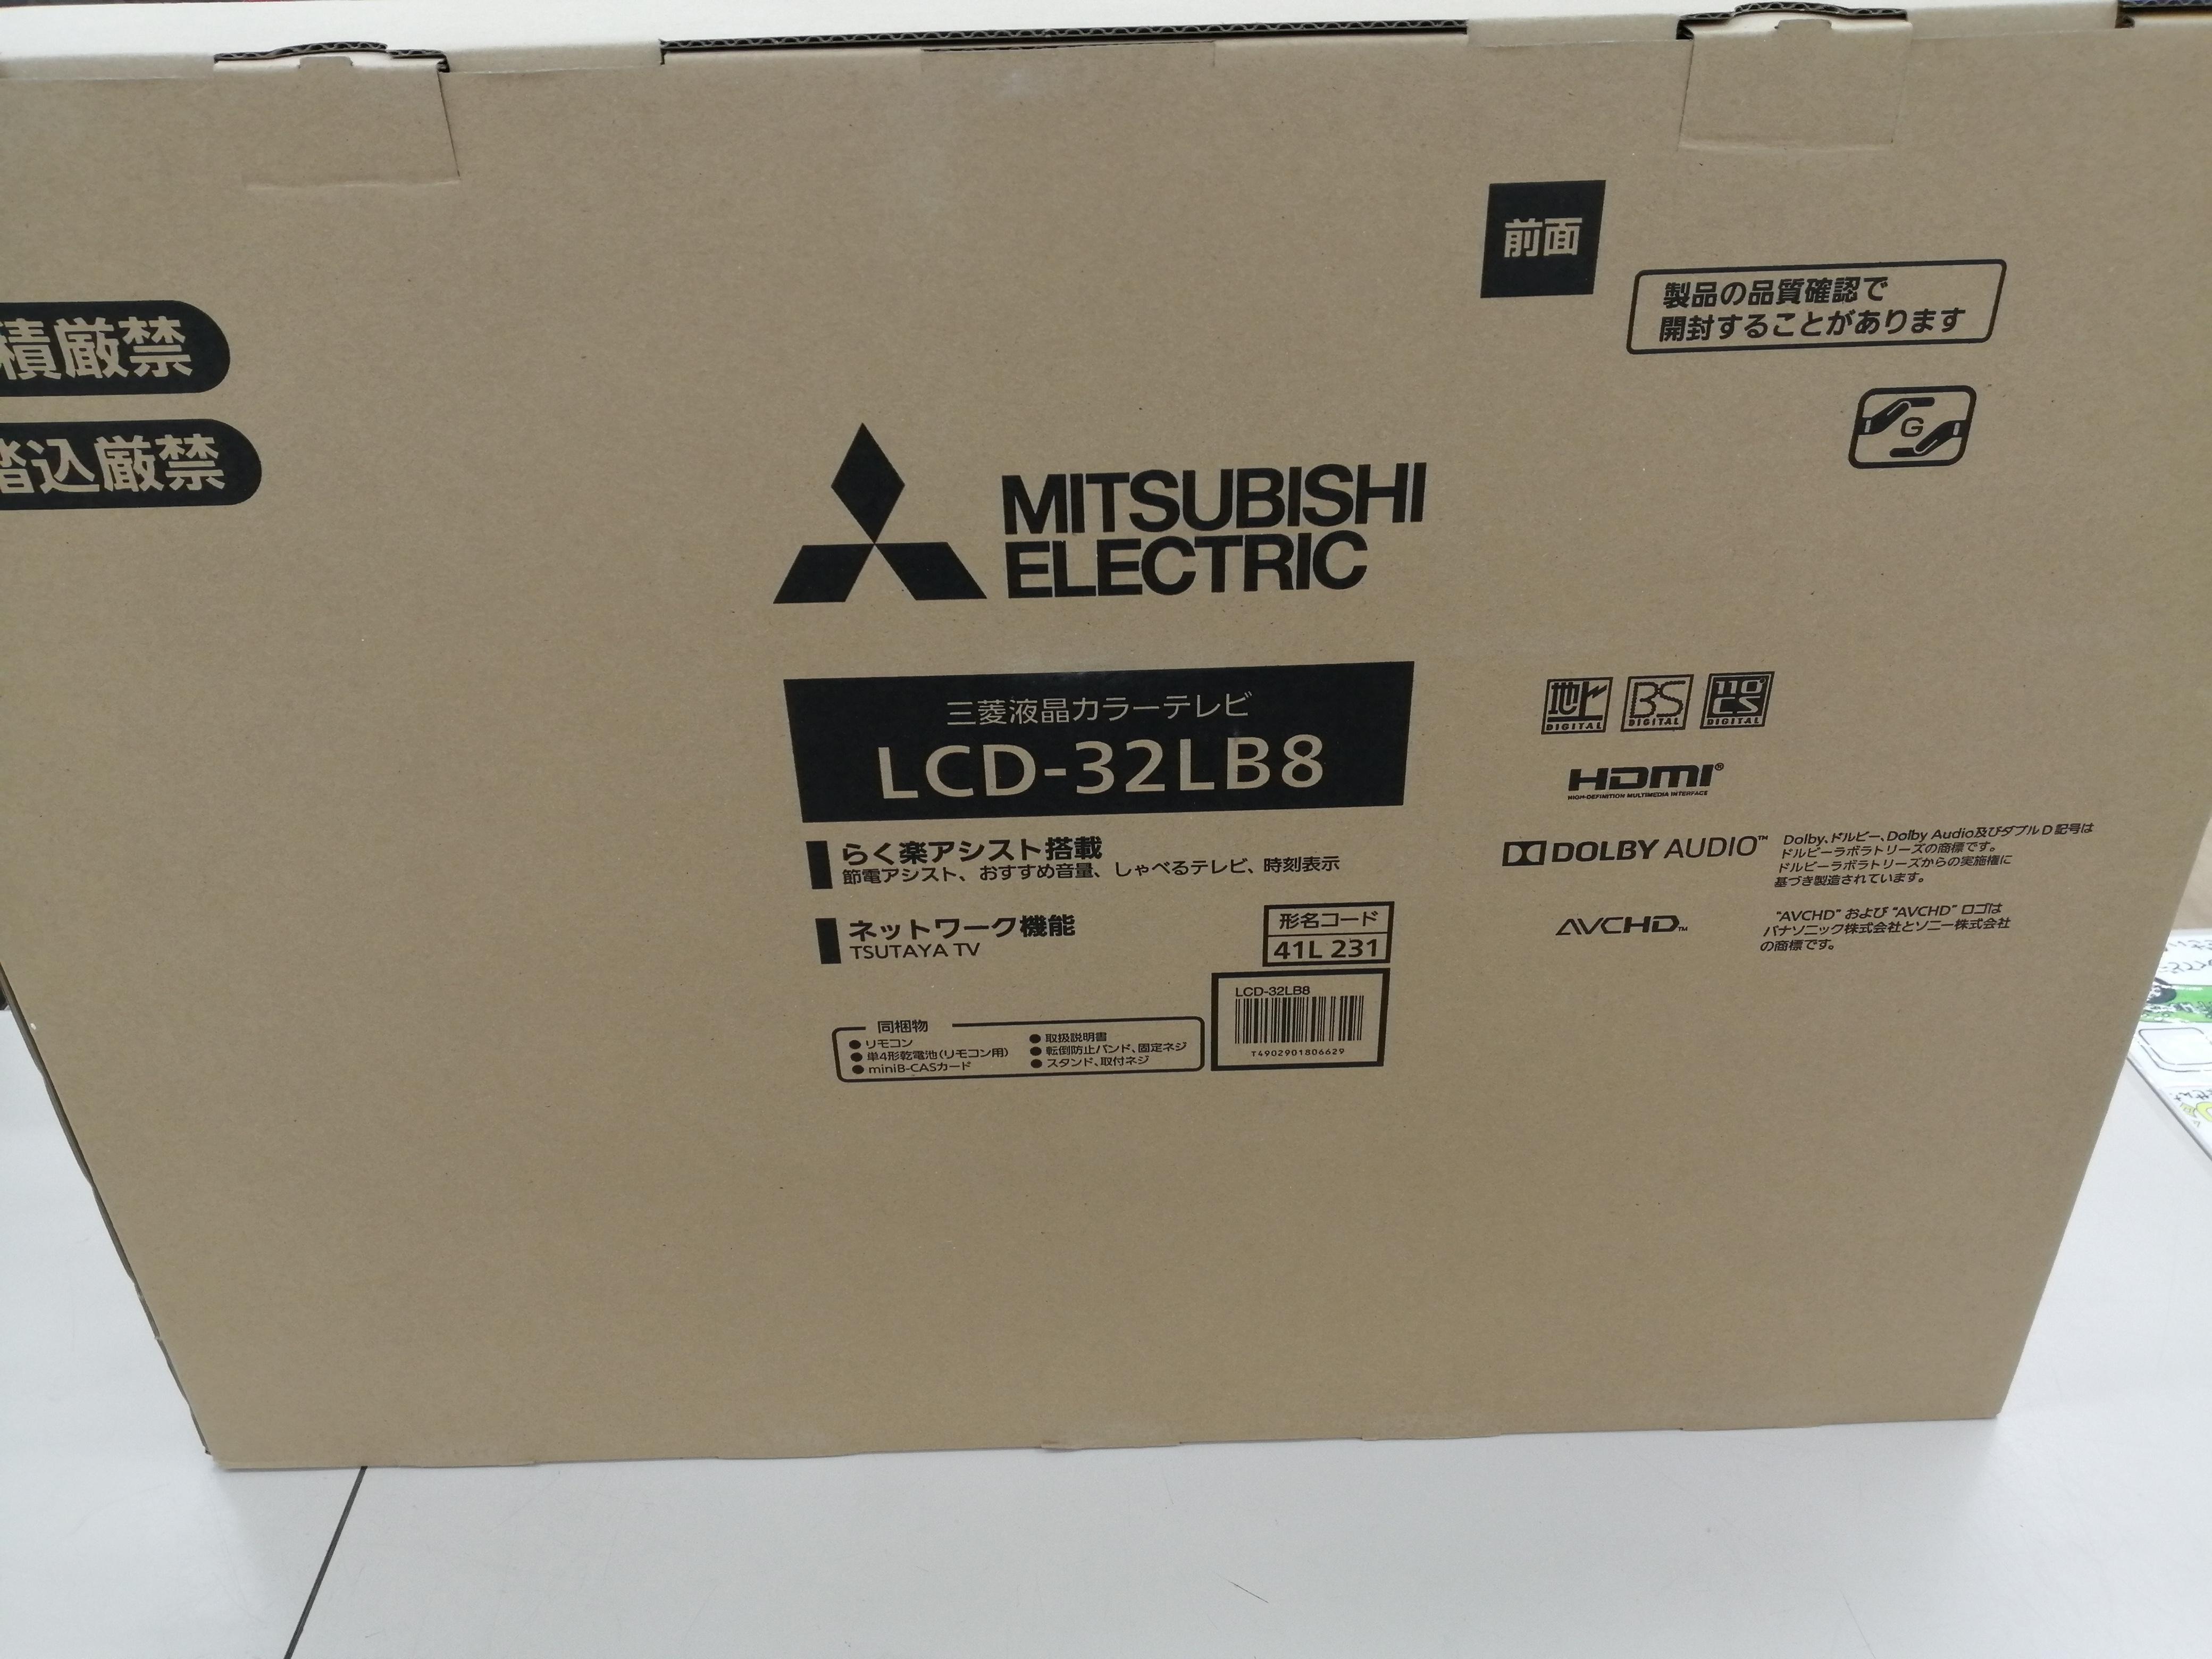 ★未使用品★ LCD-32LB8|MITSUBISHI